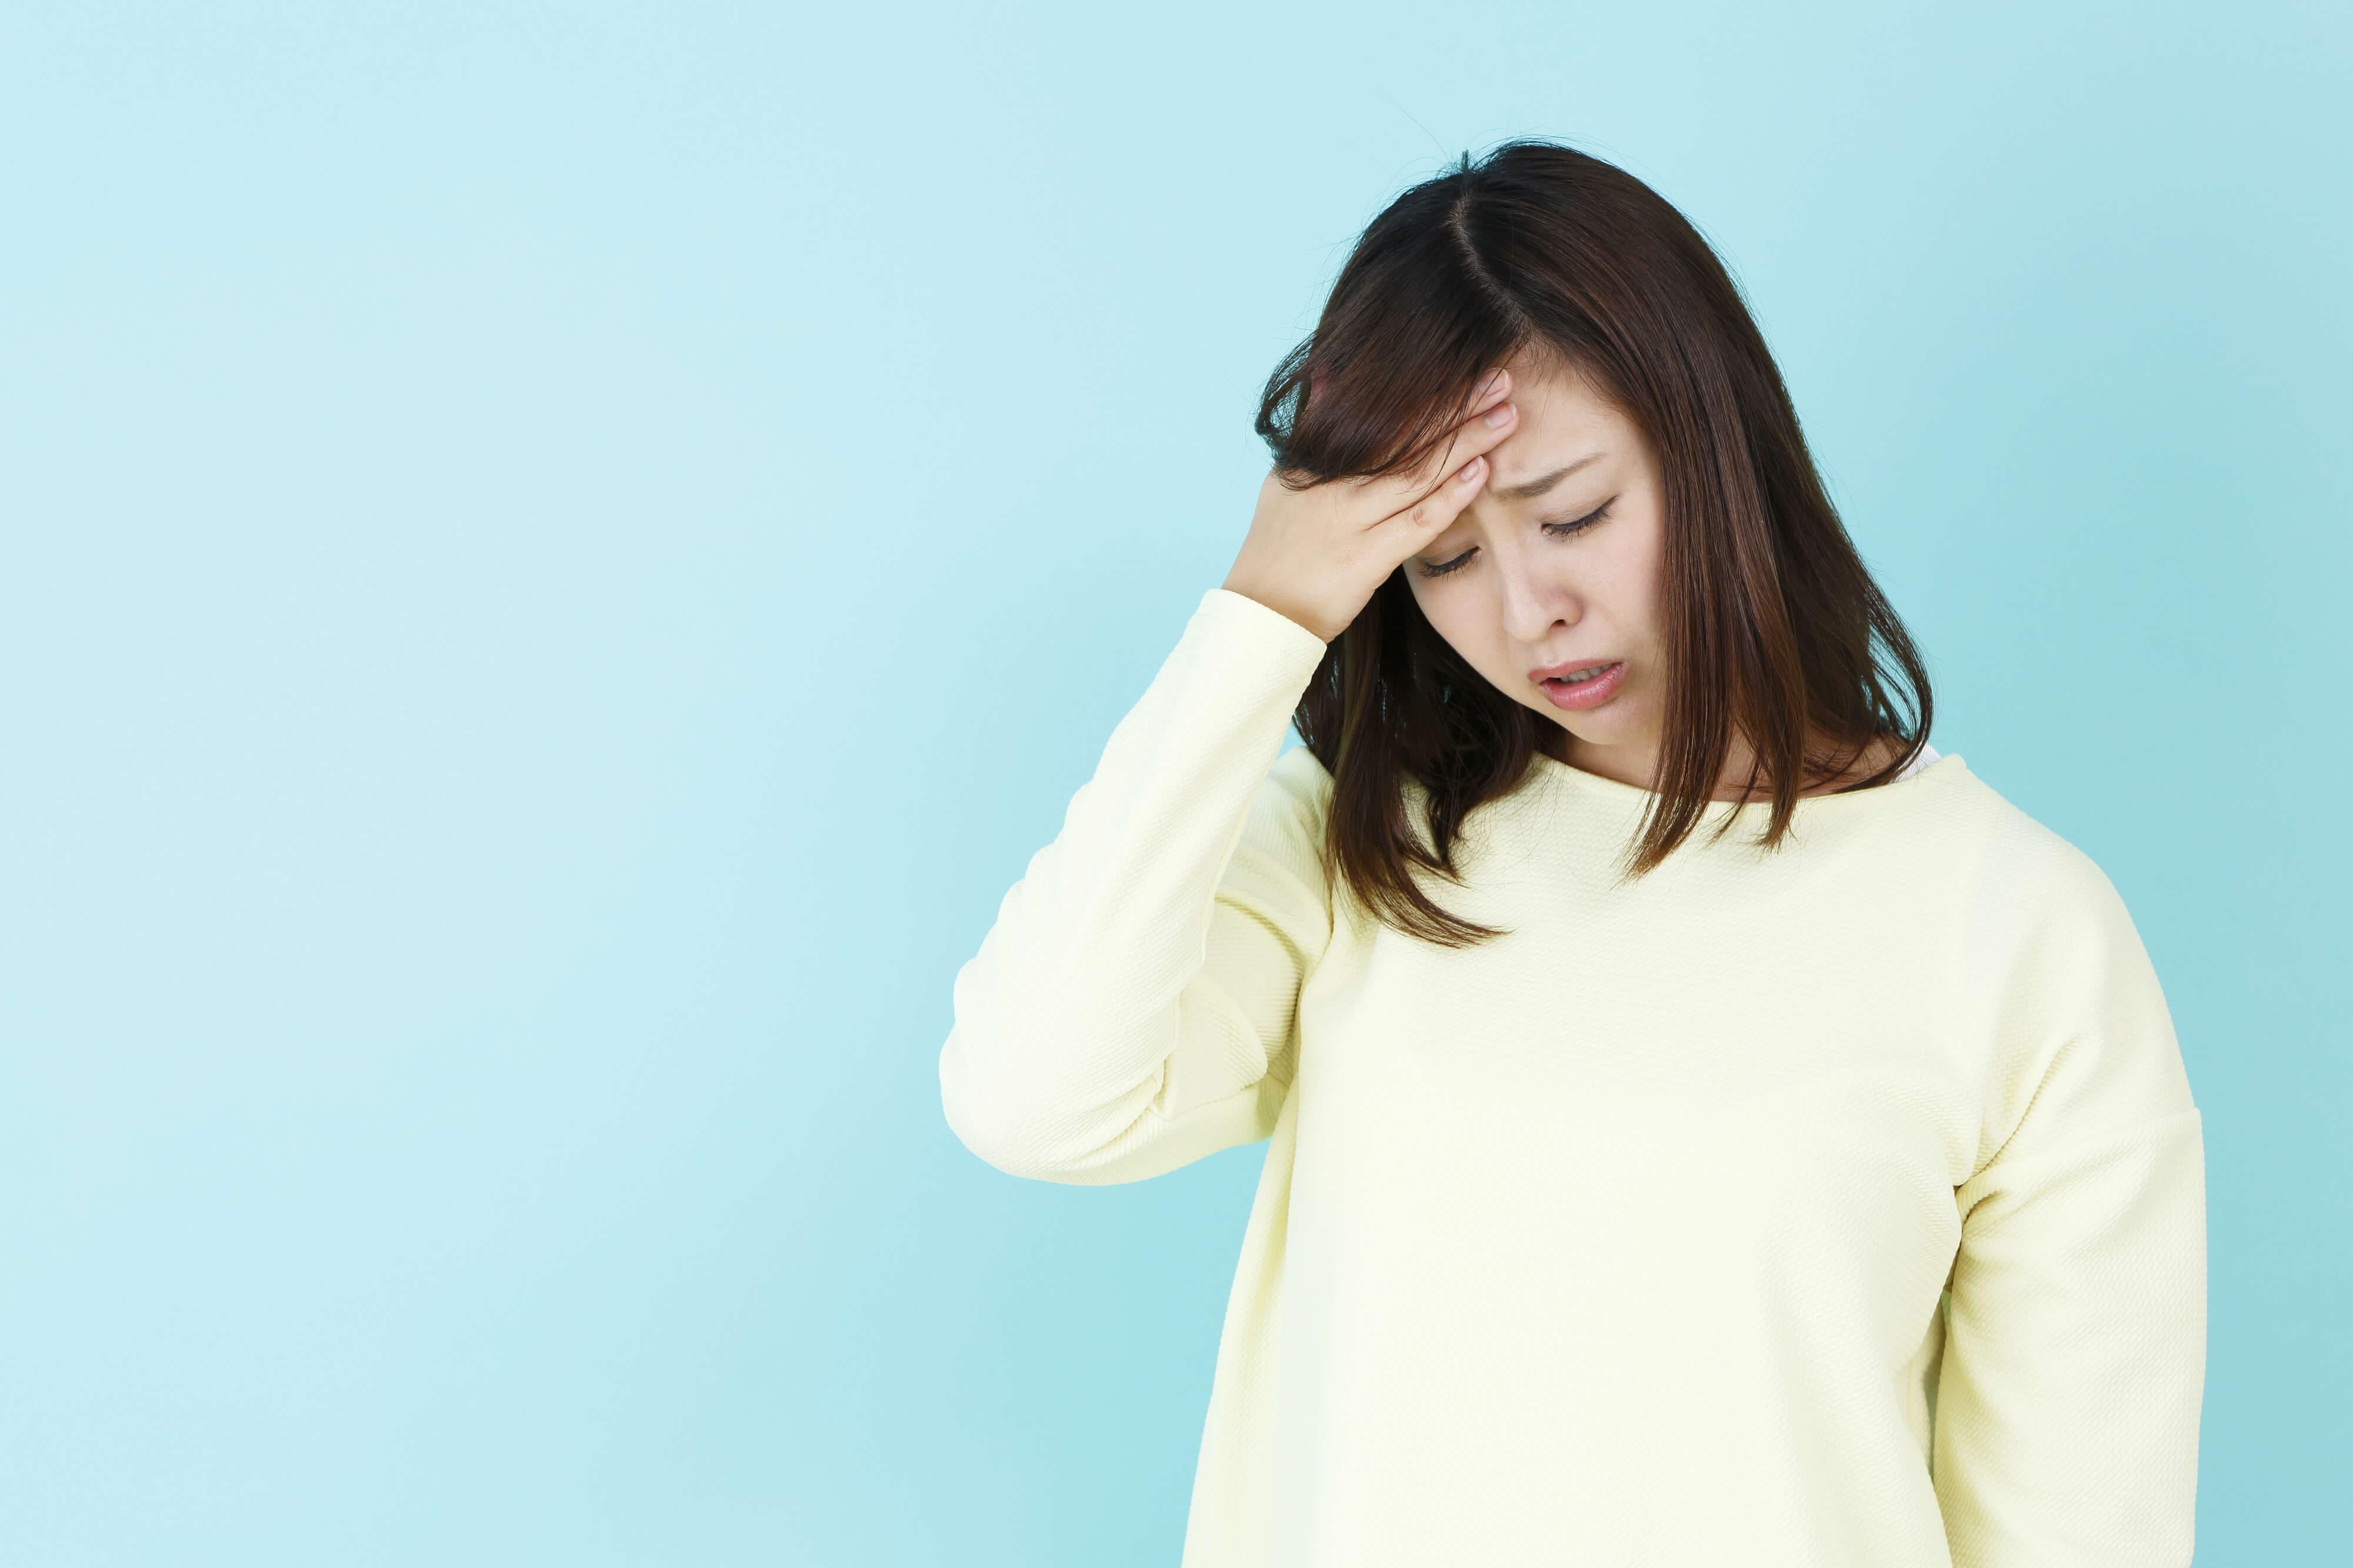 風邪の症状と似ている妊娠超初期症状を和らげる四つのコツ